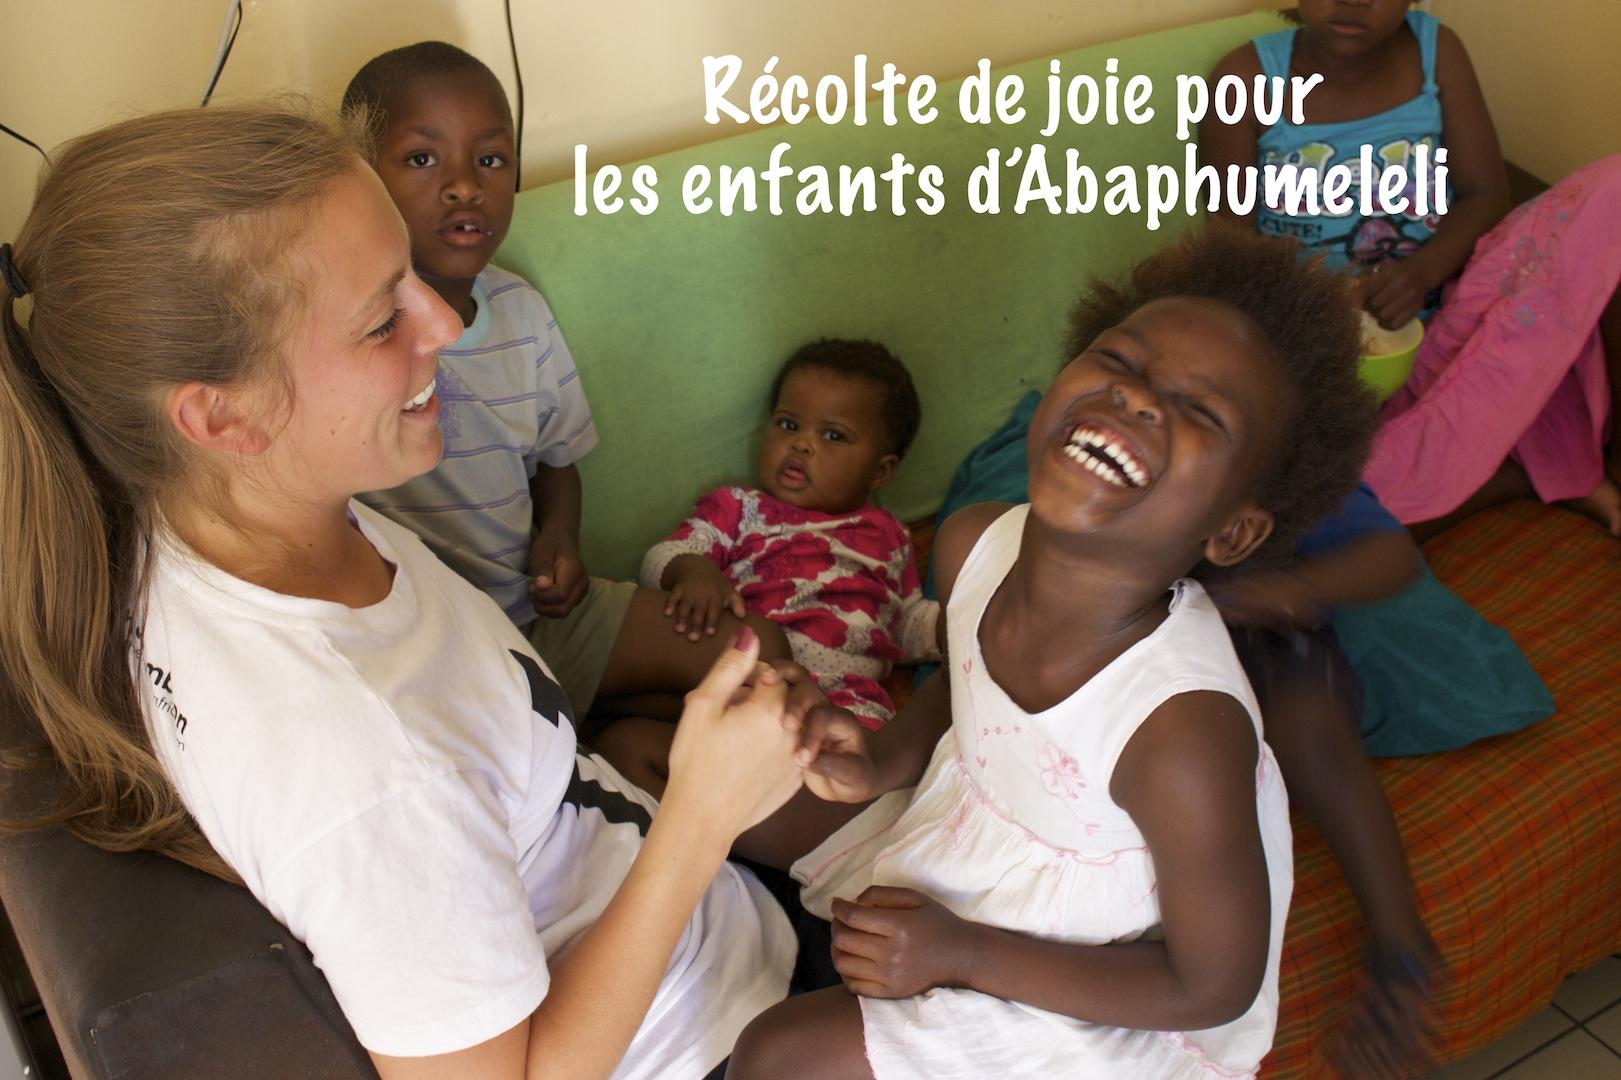 Récolte de joie pour les enfants d'Abaphumeleli